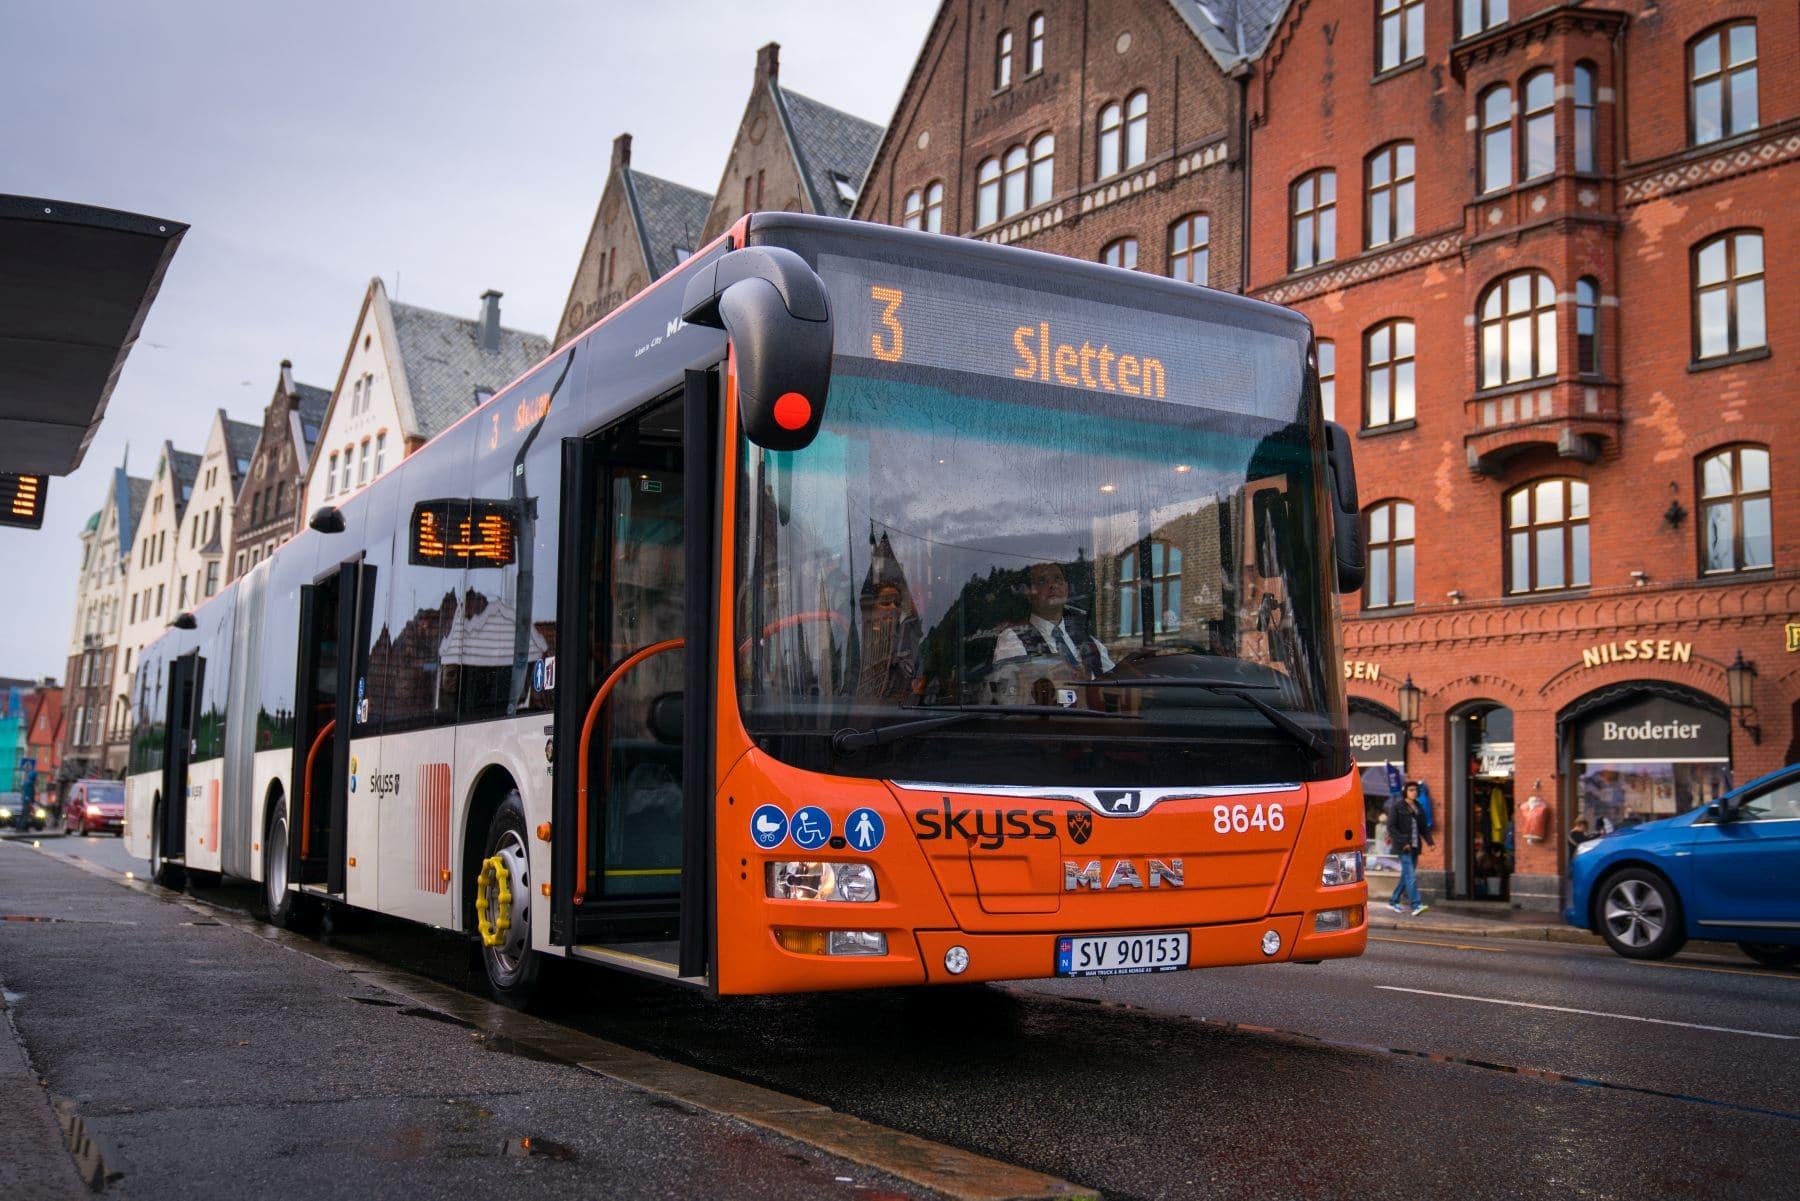 Bussjåfører slipper påbud om munnbind under kjøring